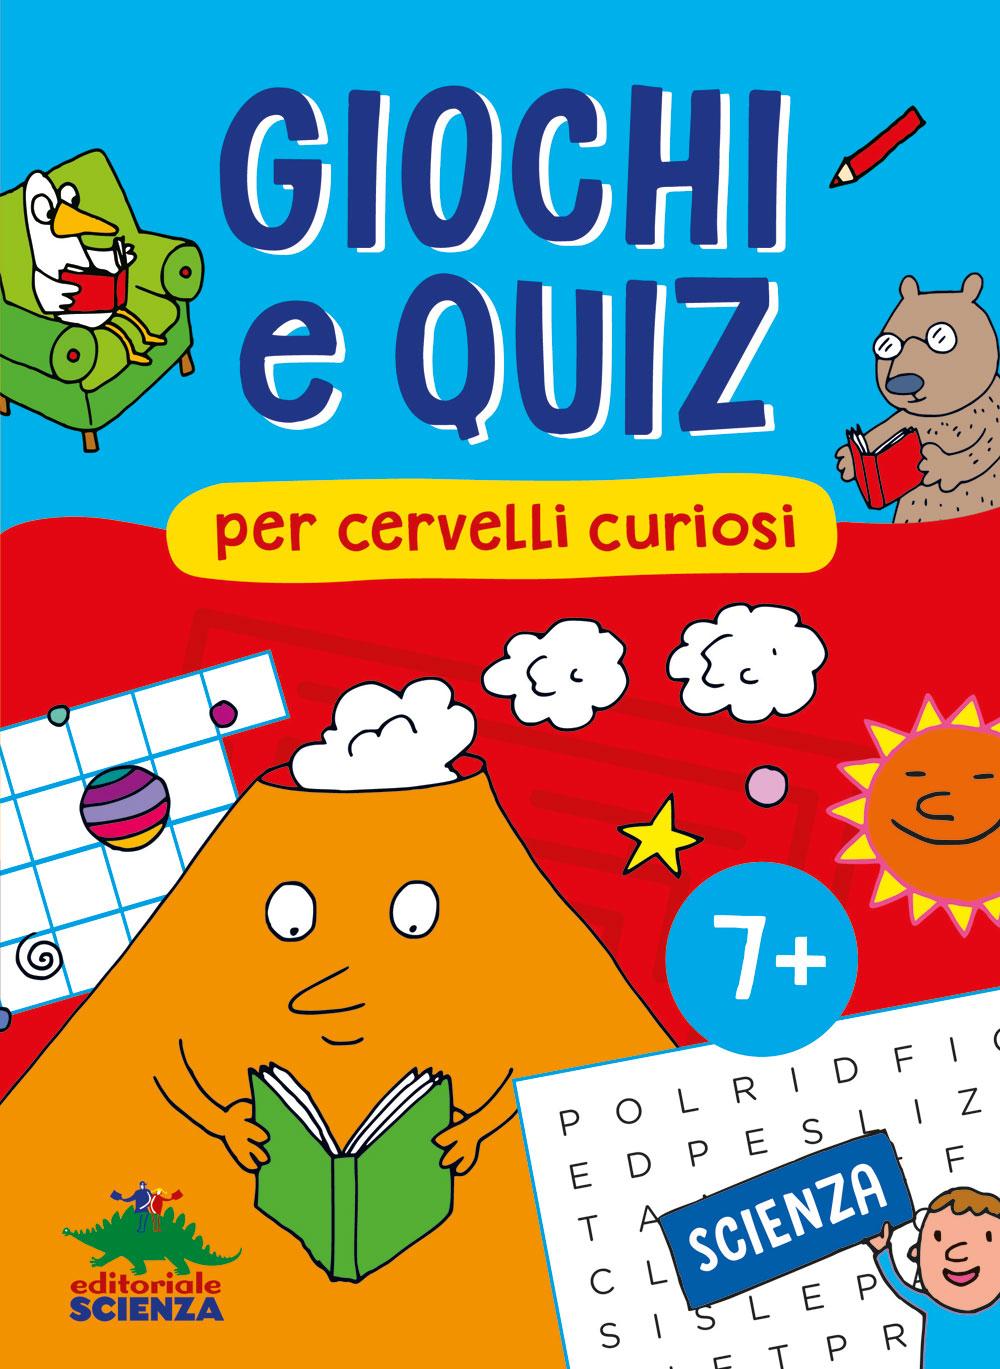 Giochi e quiz per cervelli curiosi – Scienza